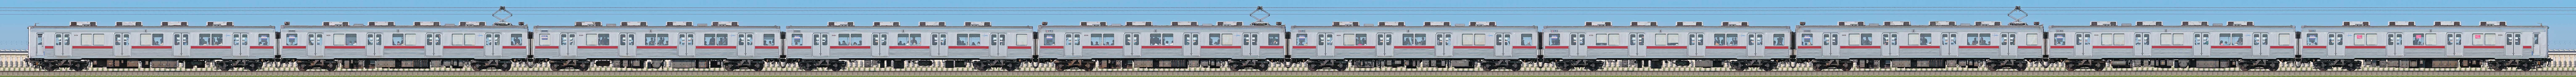 東武9000型9101編成(海側)の編成サイドビュー